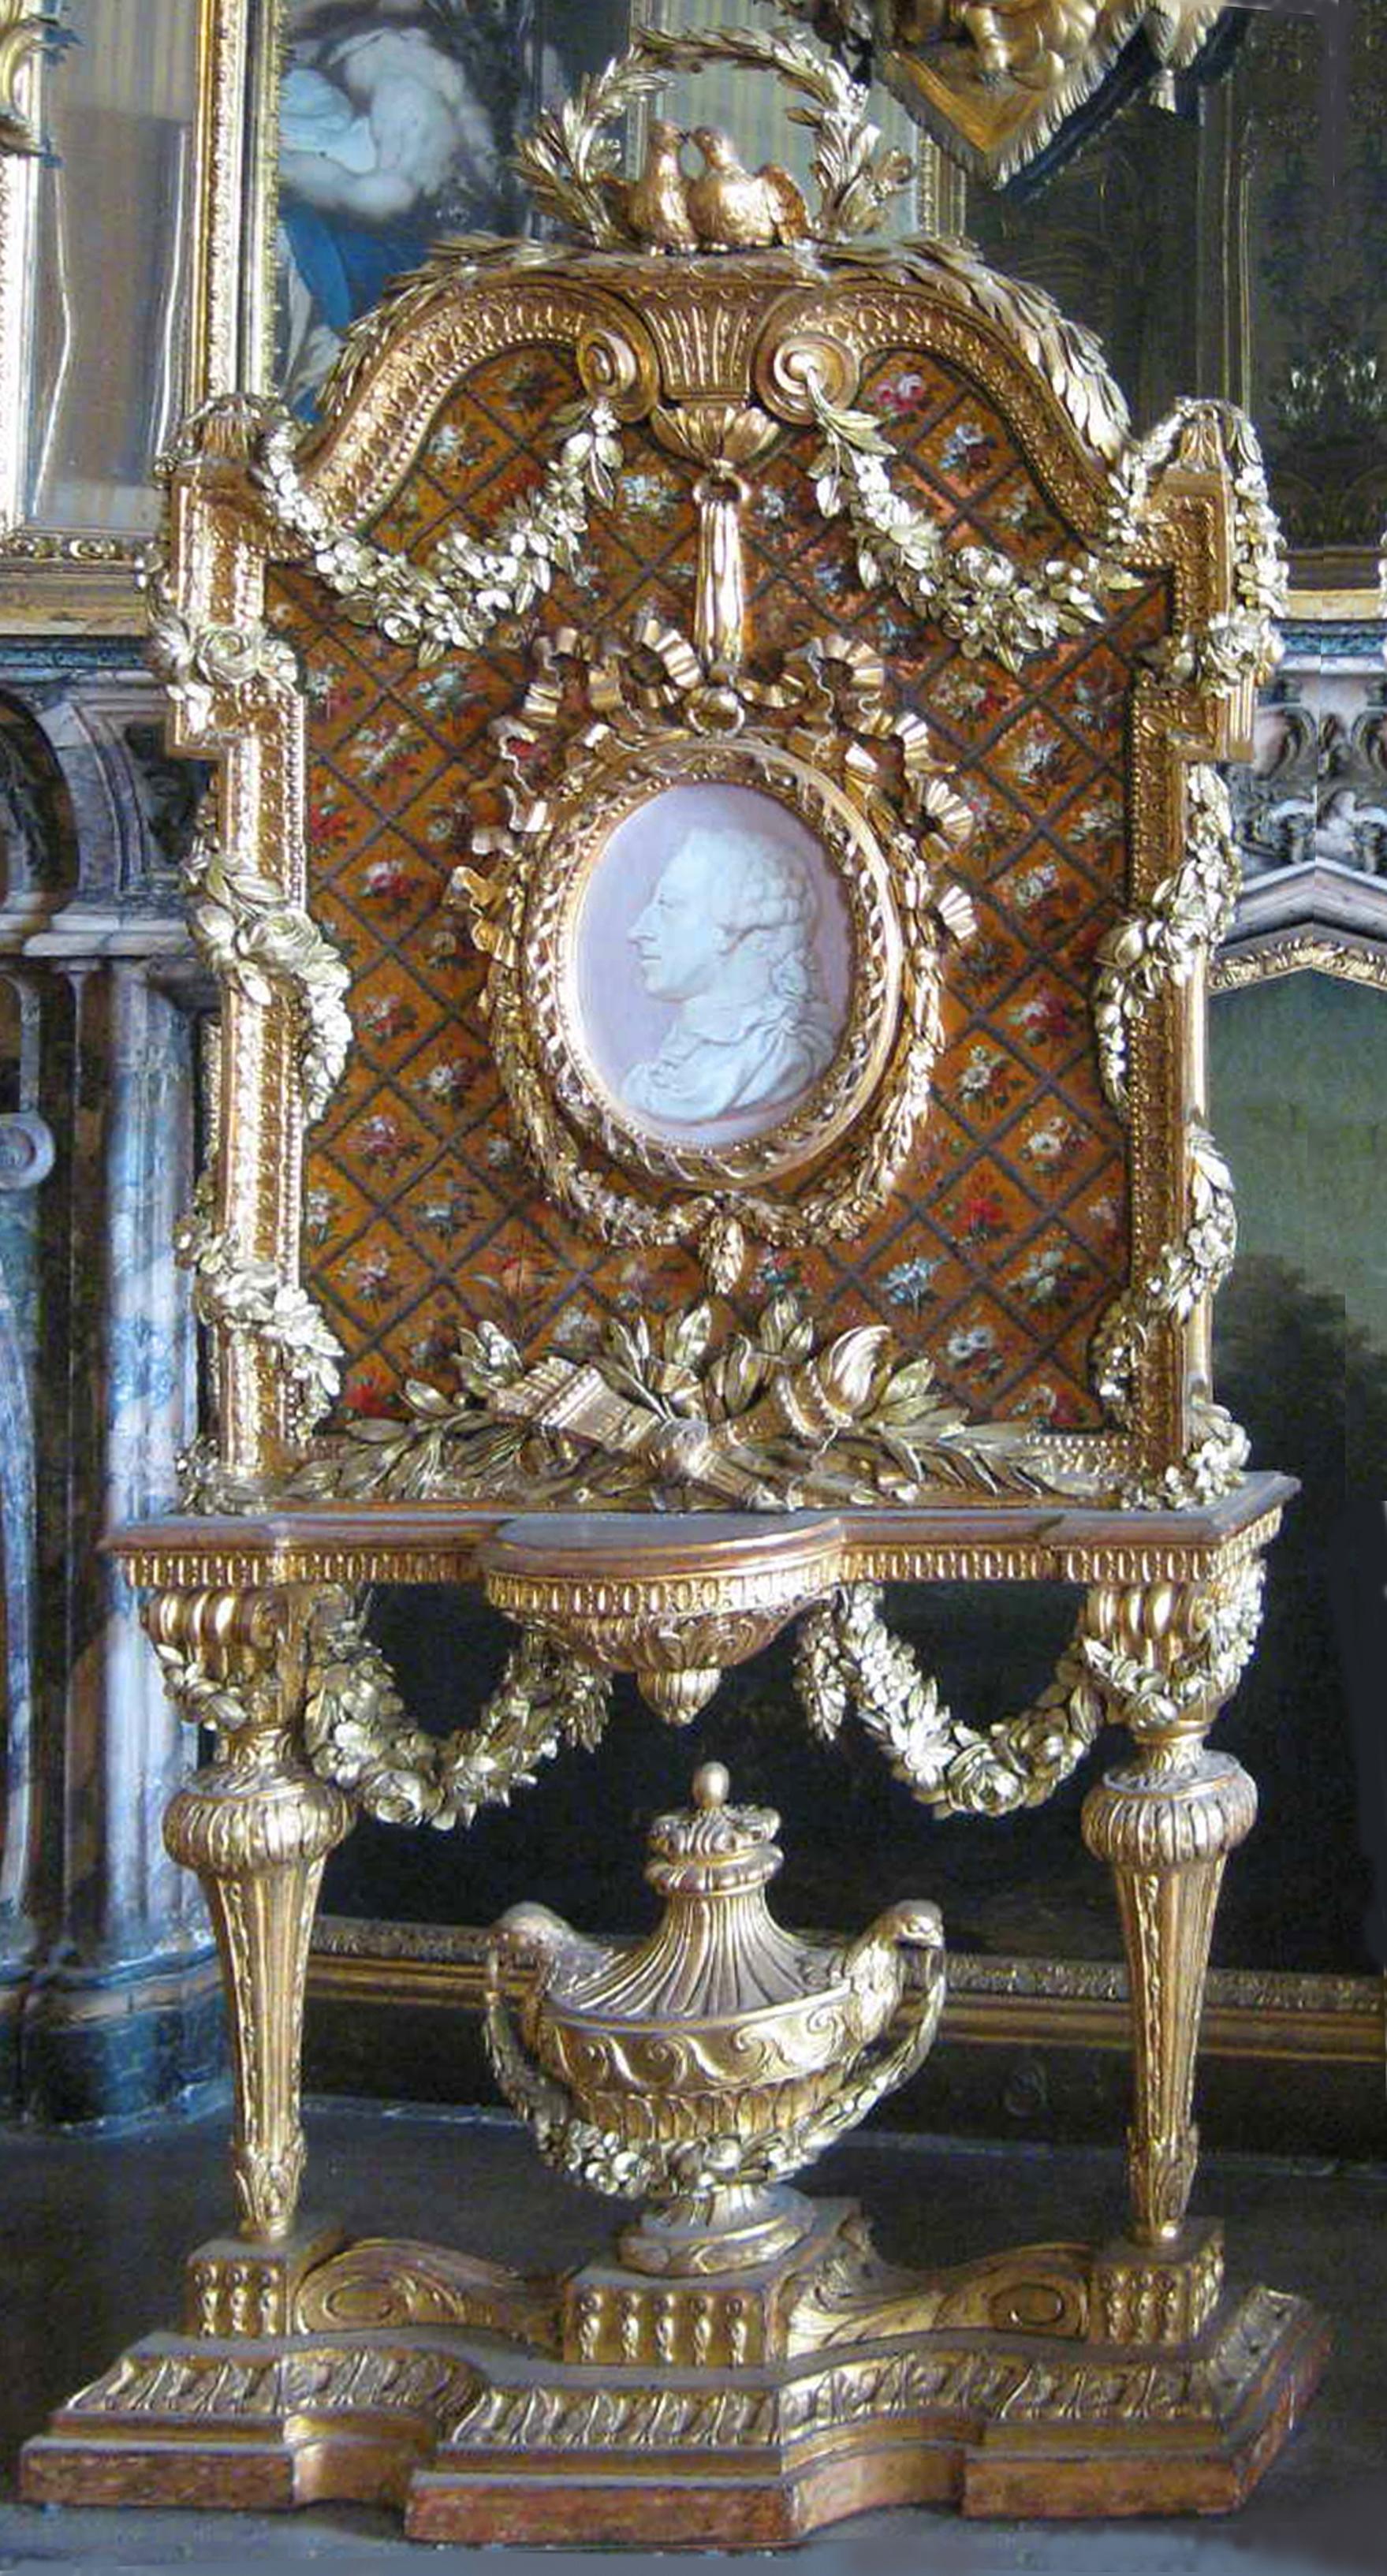 1 Bonzanigo designed firescreen Carved by Vittorio Amedeo Rapous Painted by Michele Antonio Rapous c1775 Sala della Colazione Palazzo Reale Turin